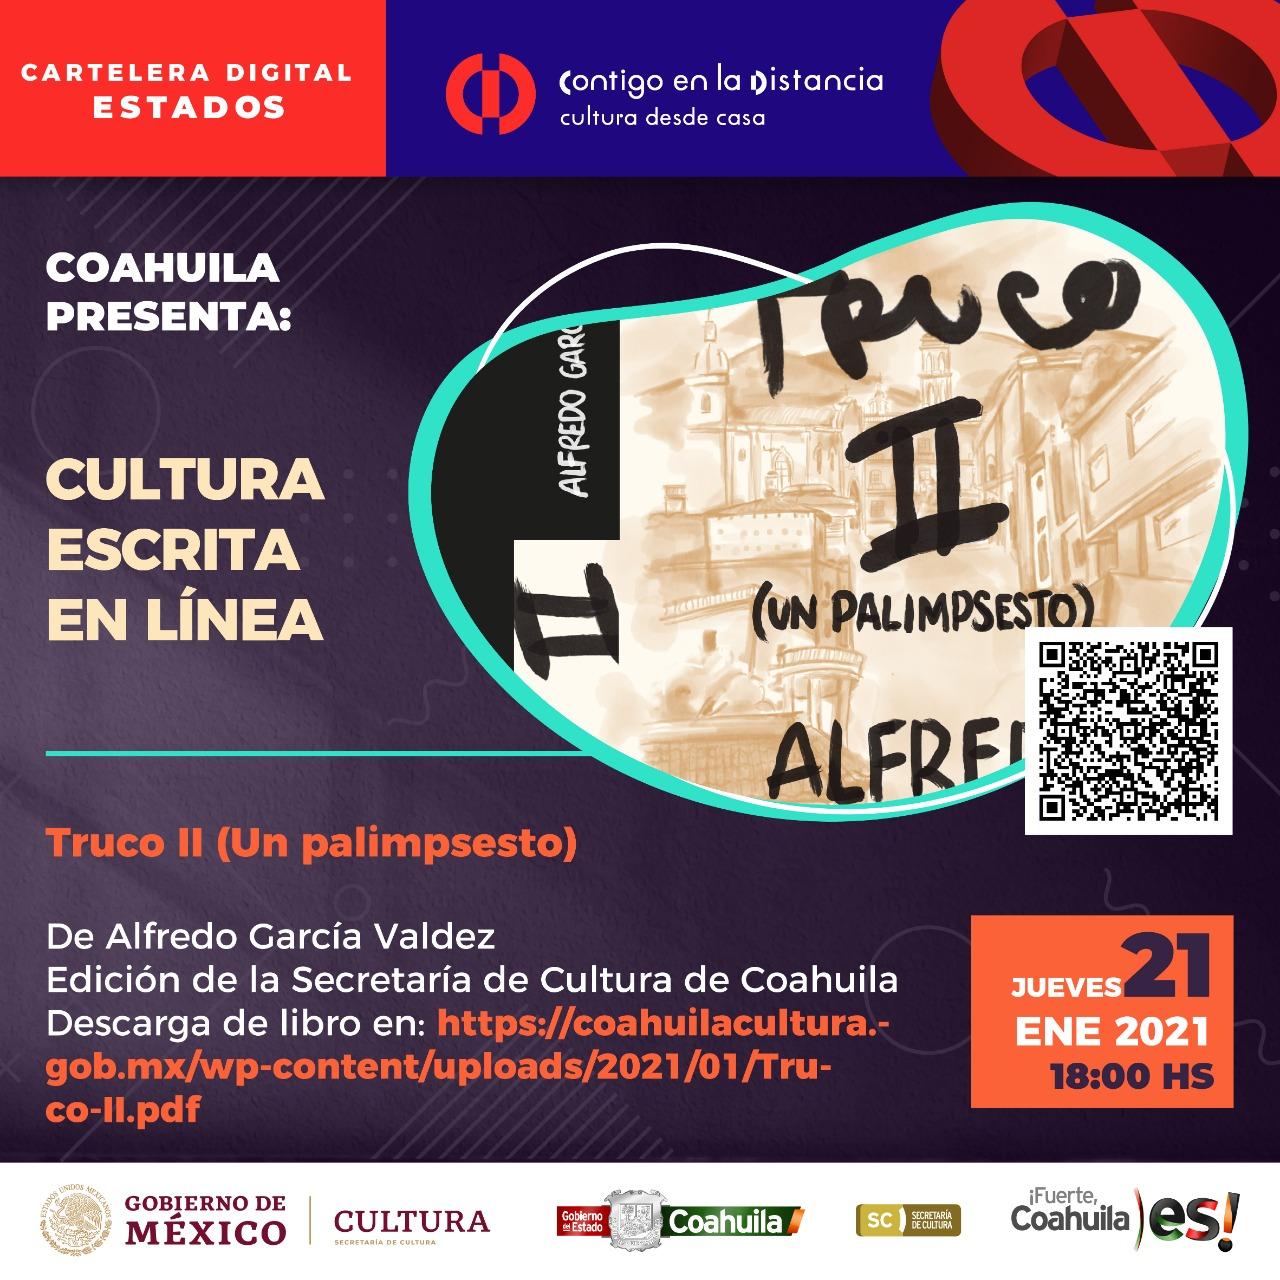 COAHUILA PRESENTA: CULTURA ESCRITA EN LÍNEA